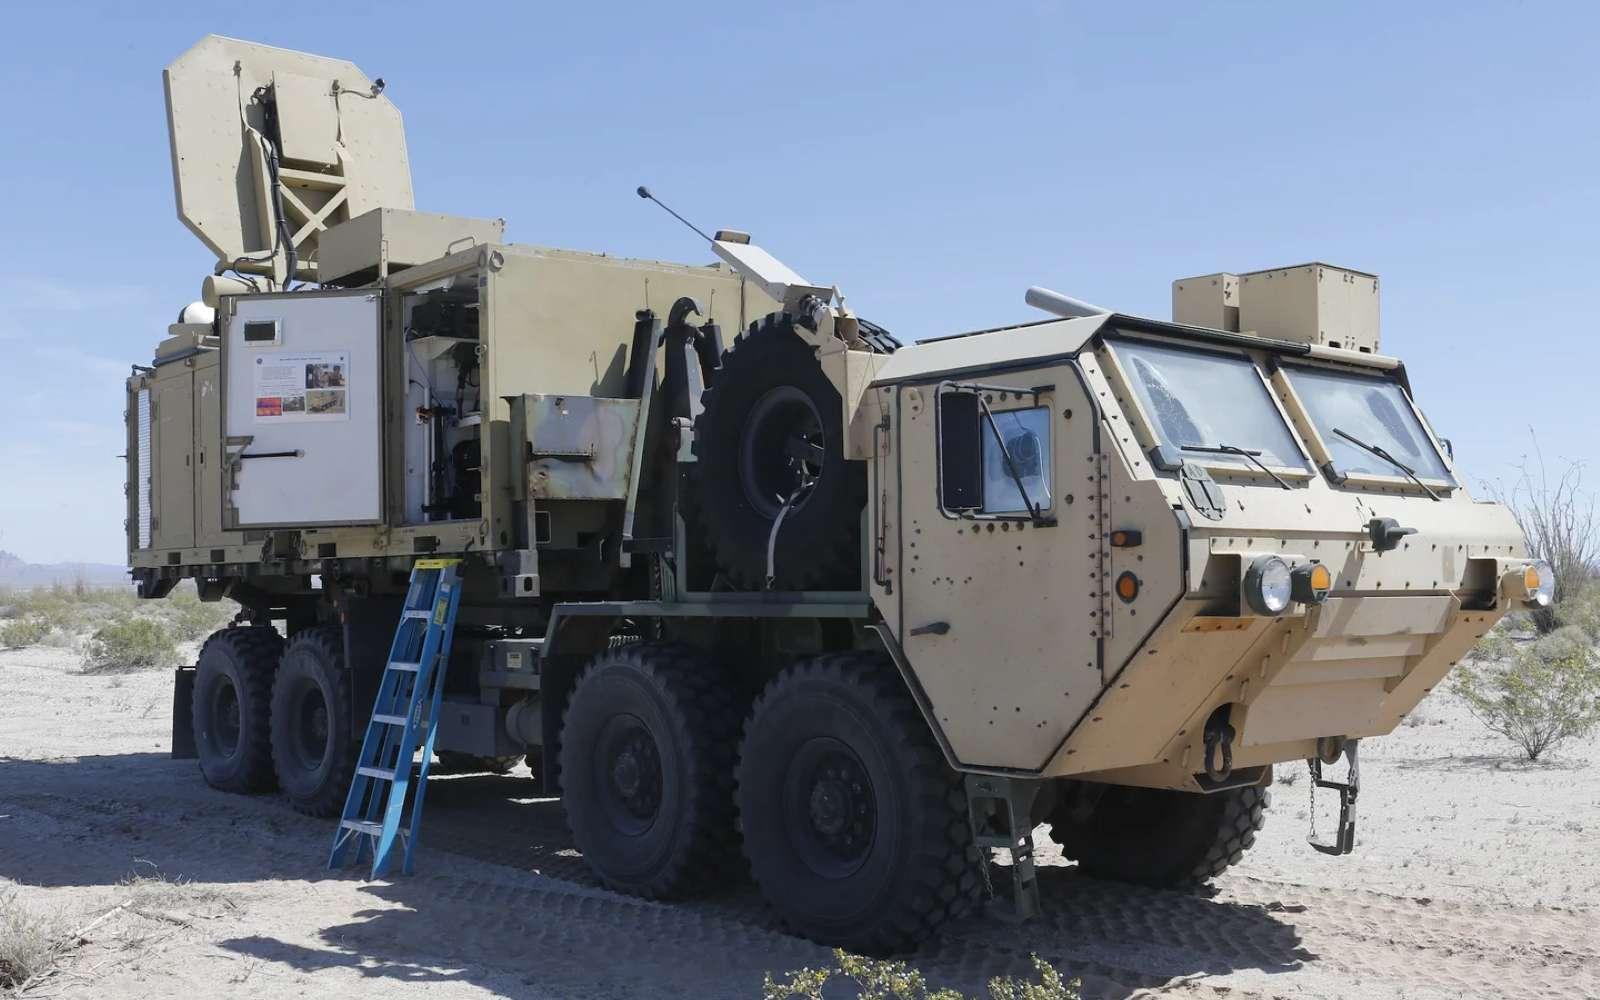 Des canons électromagnétiques existent déjà pour disperser les manifestants. © Lance Cpl. Andrew M. Huff, US Marine Corps